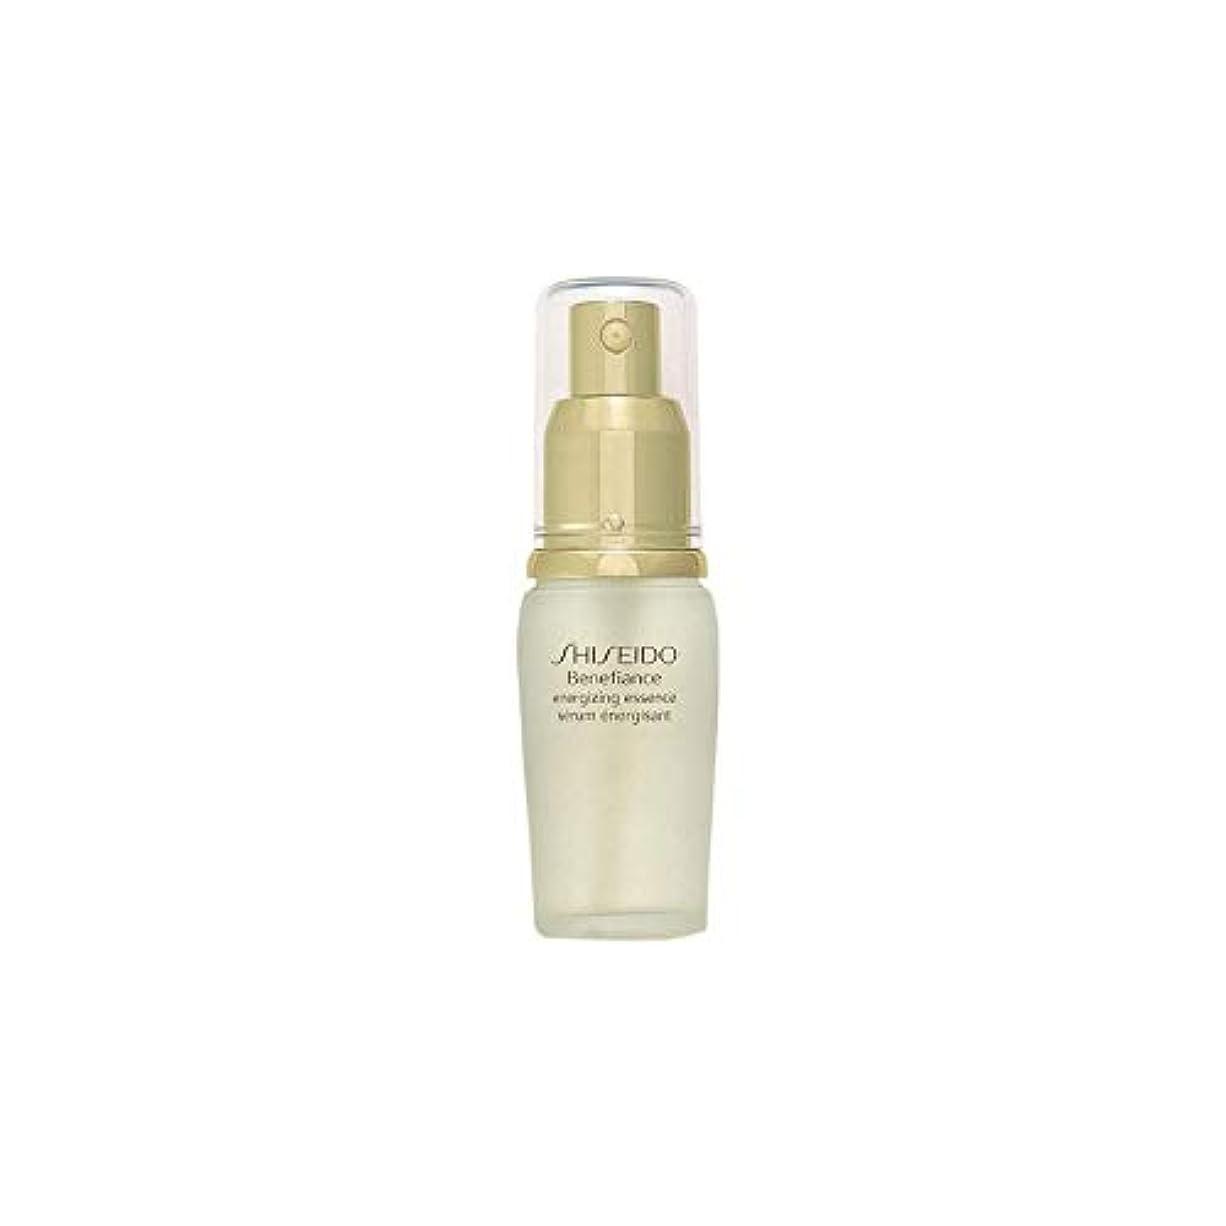 薬理学絶妙黙[Shiseido] 資生堂ベネフィアンス通電エッセンス(30ミリリットル) - Shiseido Benefiance Energising Essence (30ml) [並行輸入品]